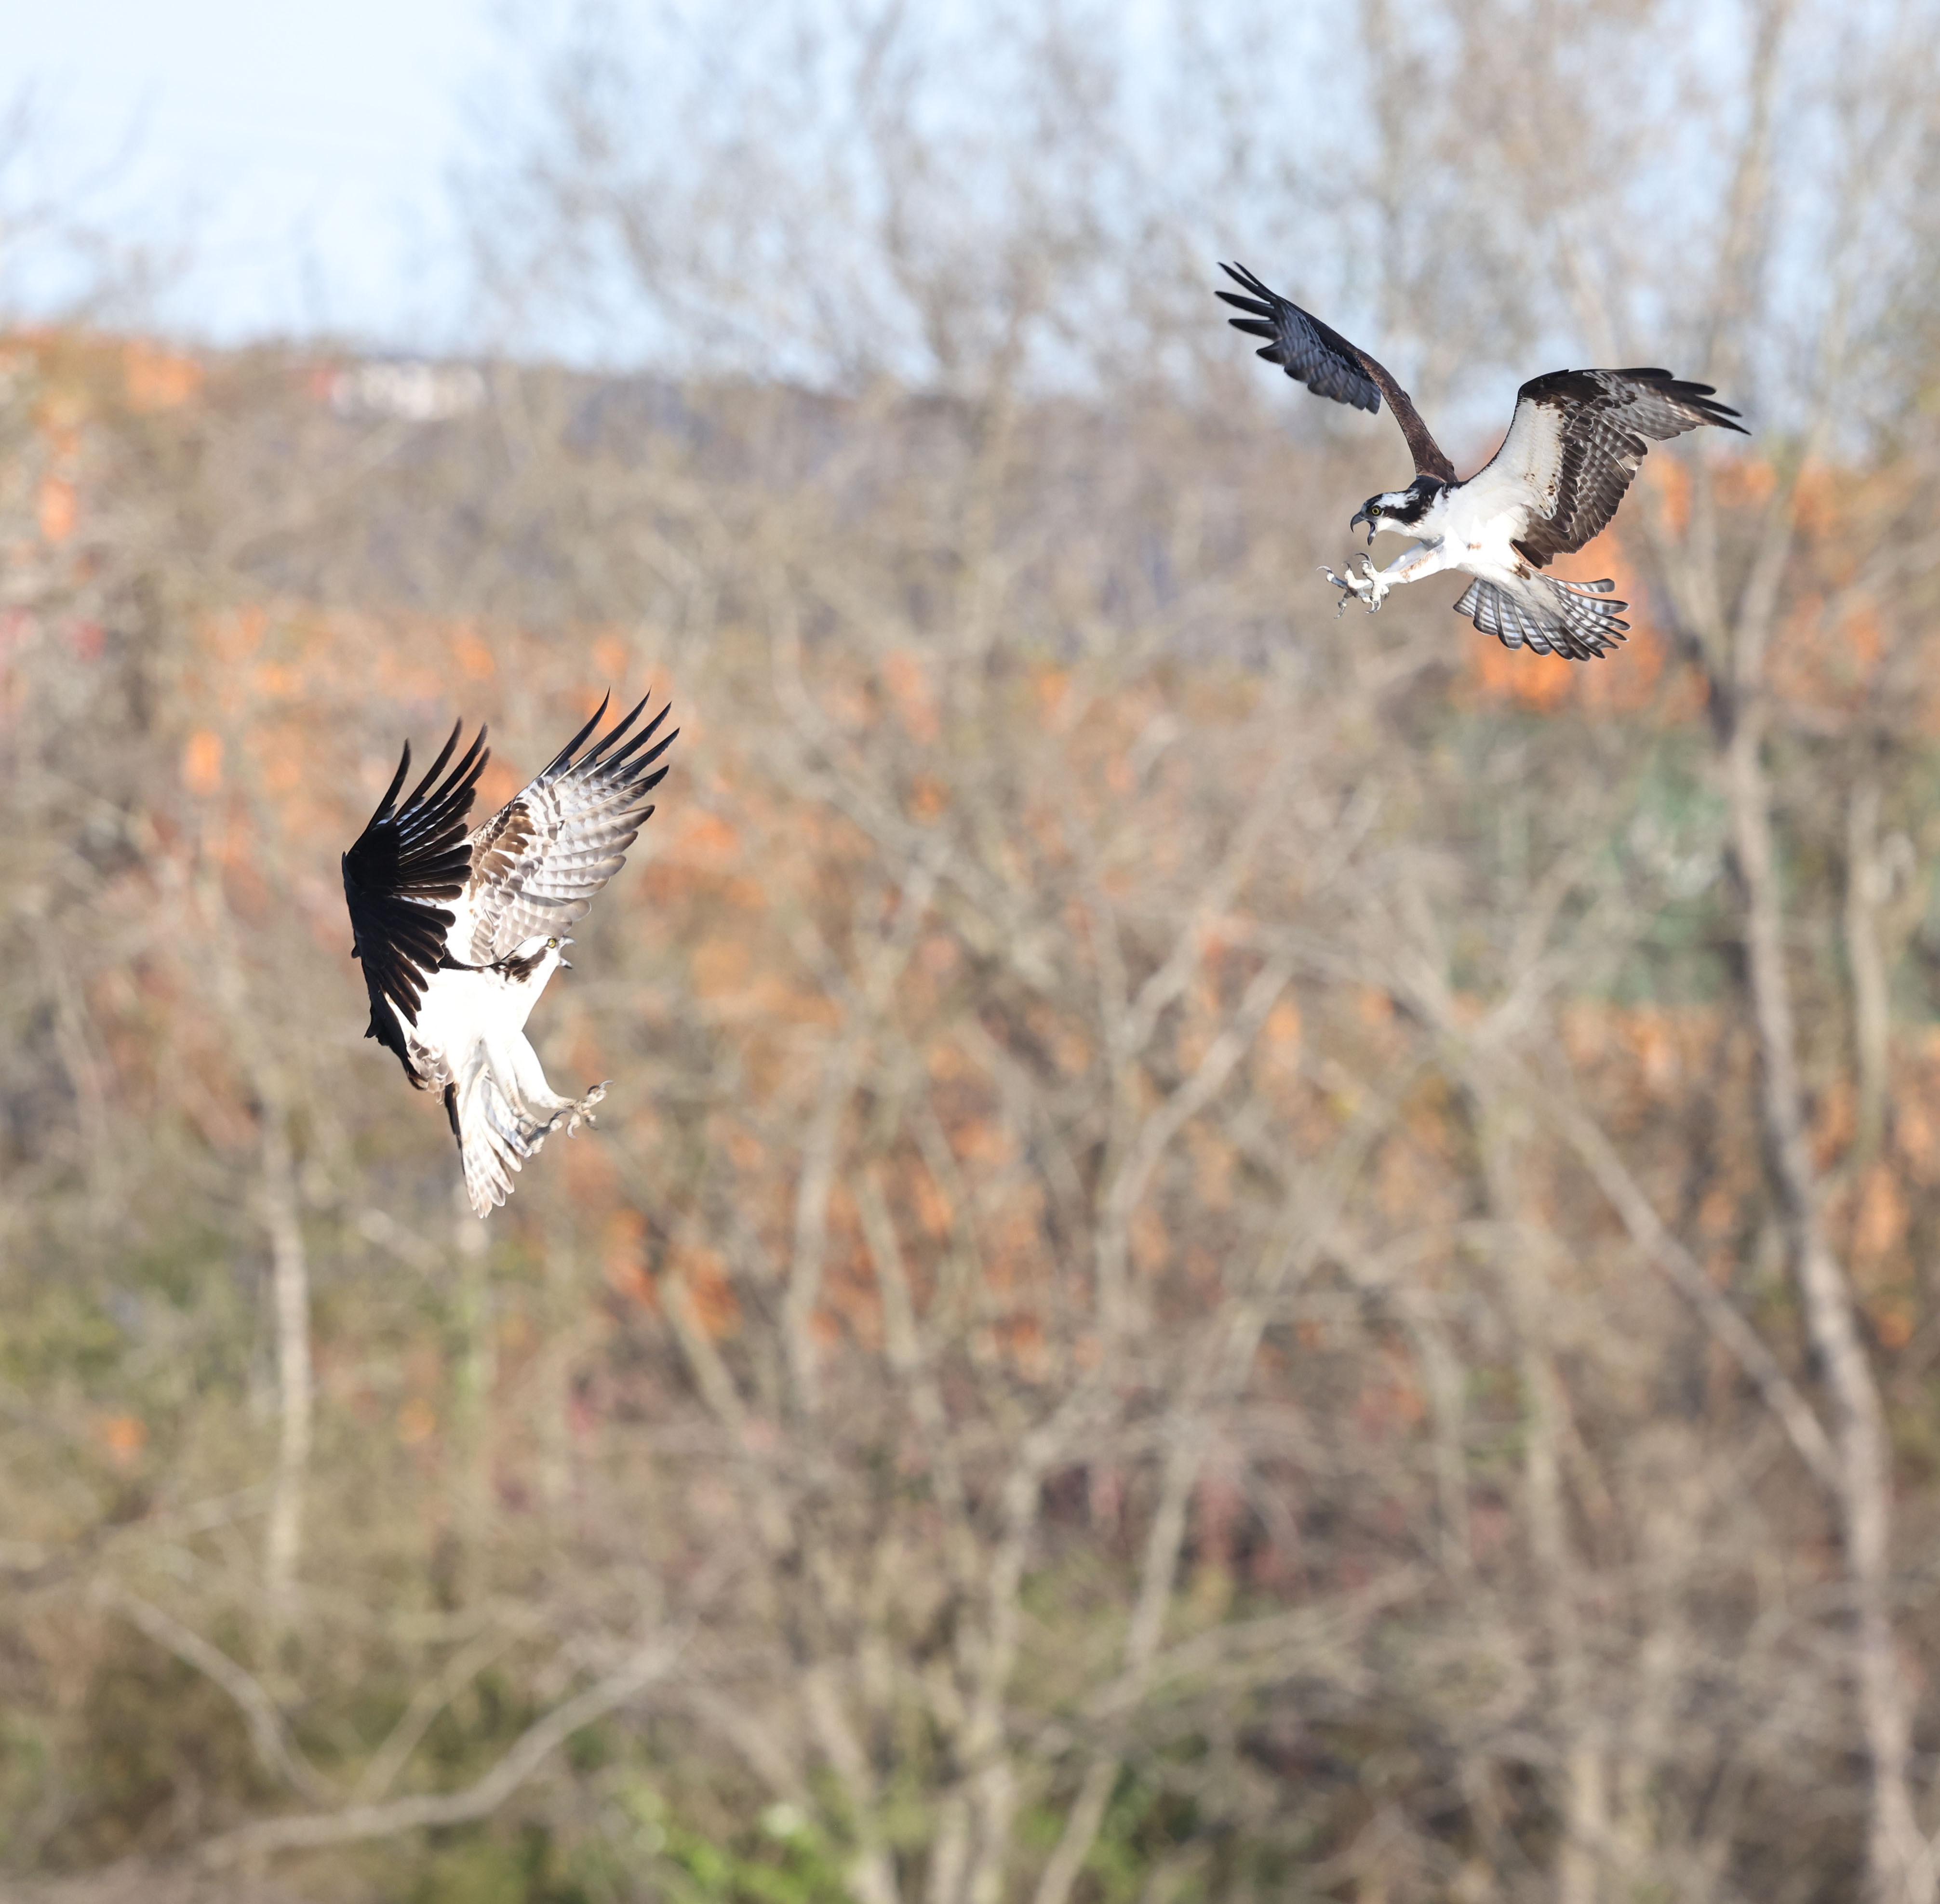 Male Osprey defending nest against intruder